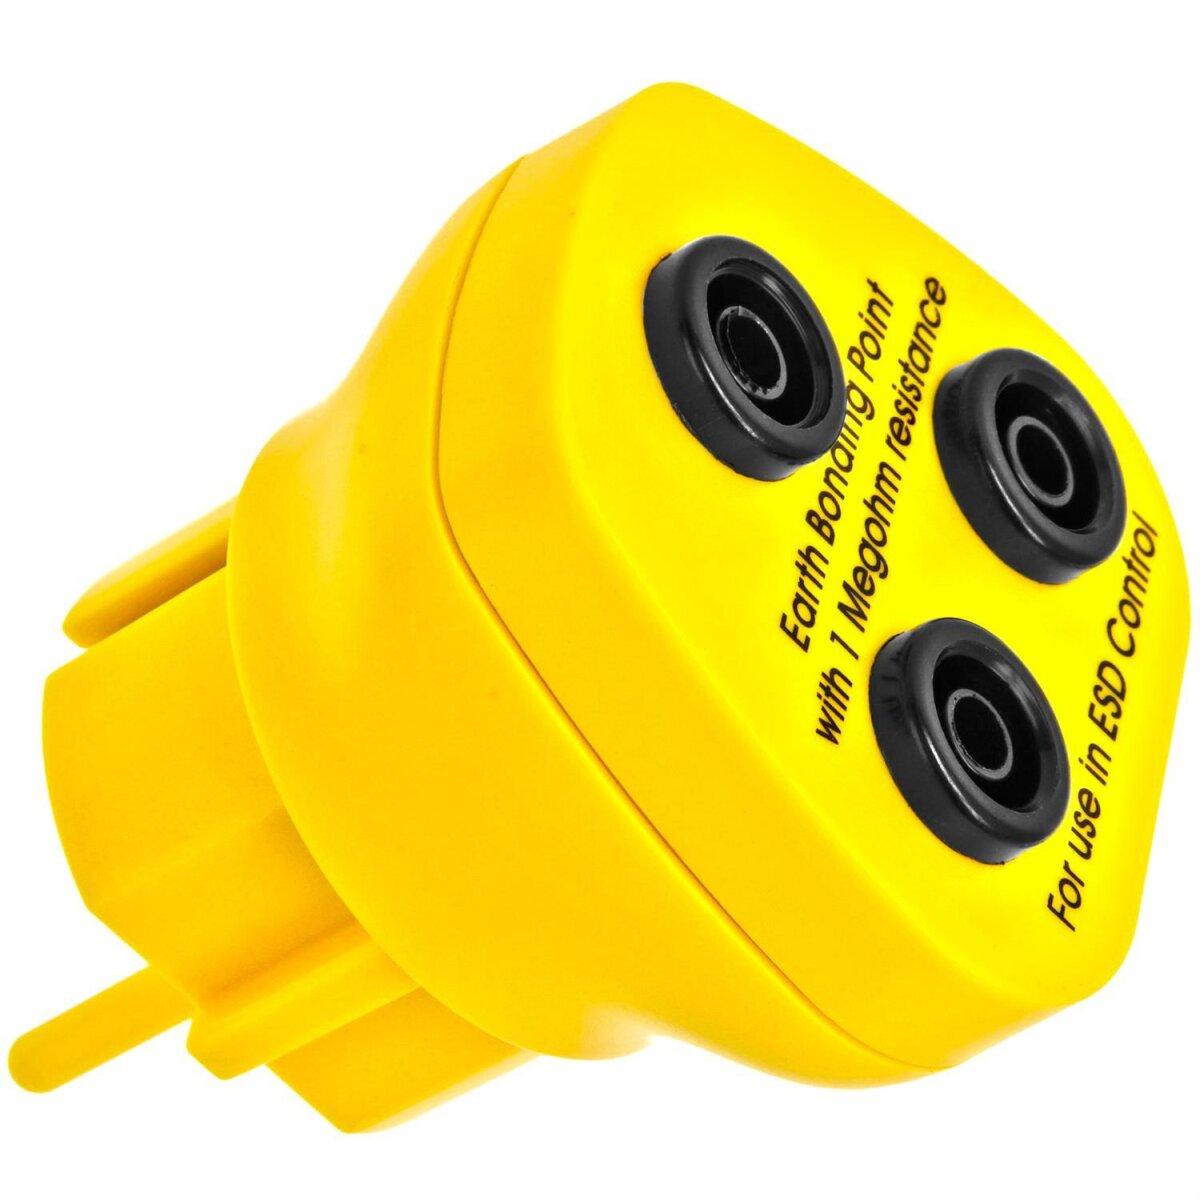 Minadax® Erdungsbaustein - EBP - Innovativer ESD-Schutz - Antistatik-Schutzkontaktstecker - Deutscher Steckdosen-Standard - 3 x 4 mm Bananenstecker-Buchse - 1 Megaohm Sicherheitswiderstand